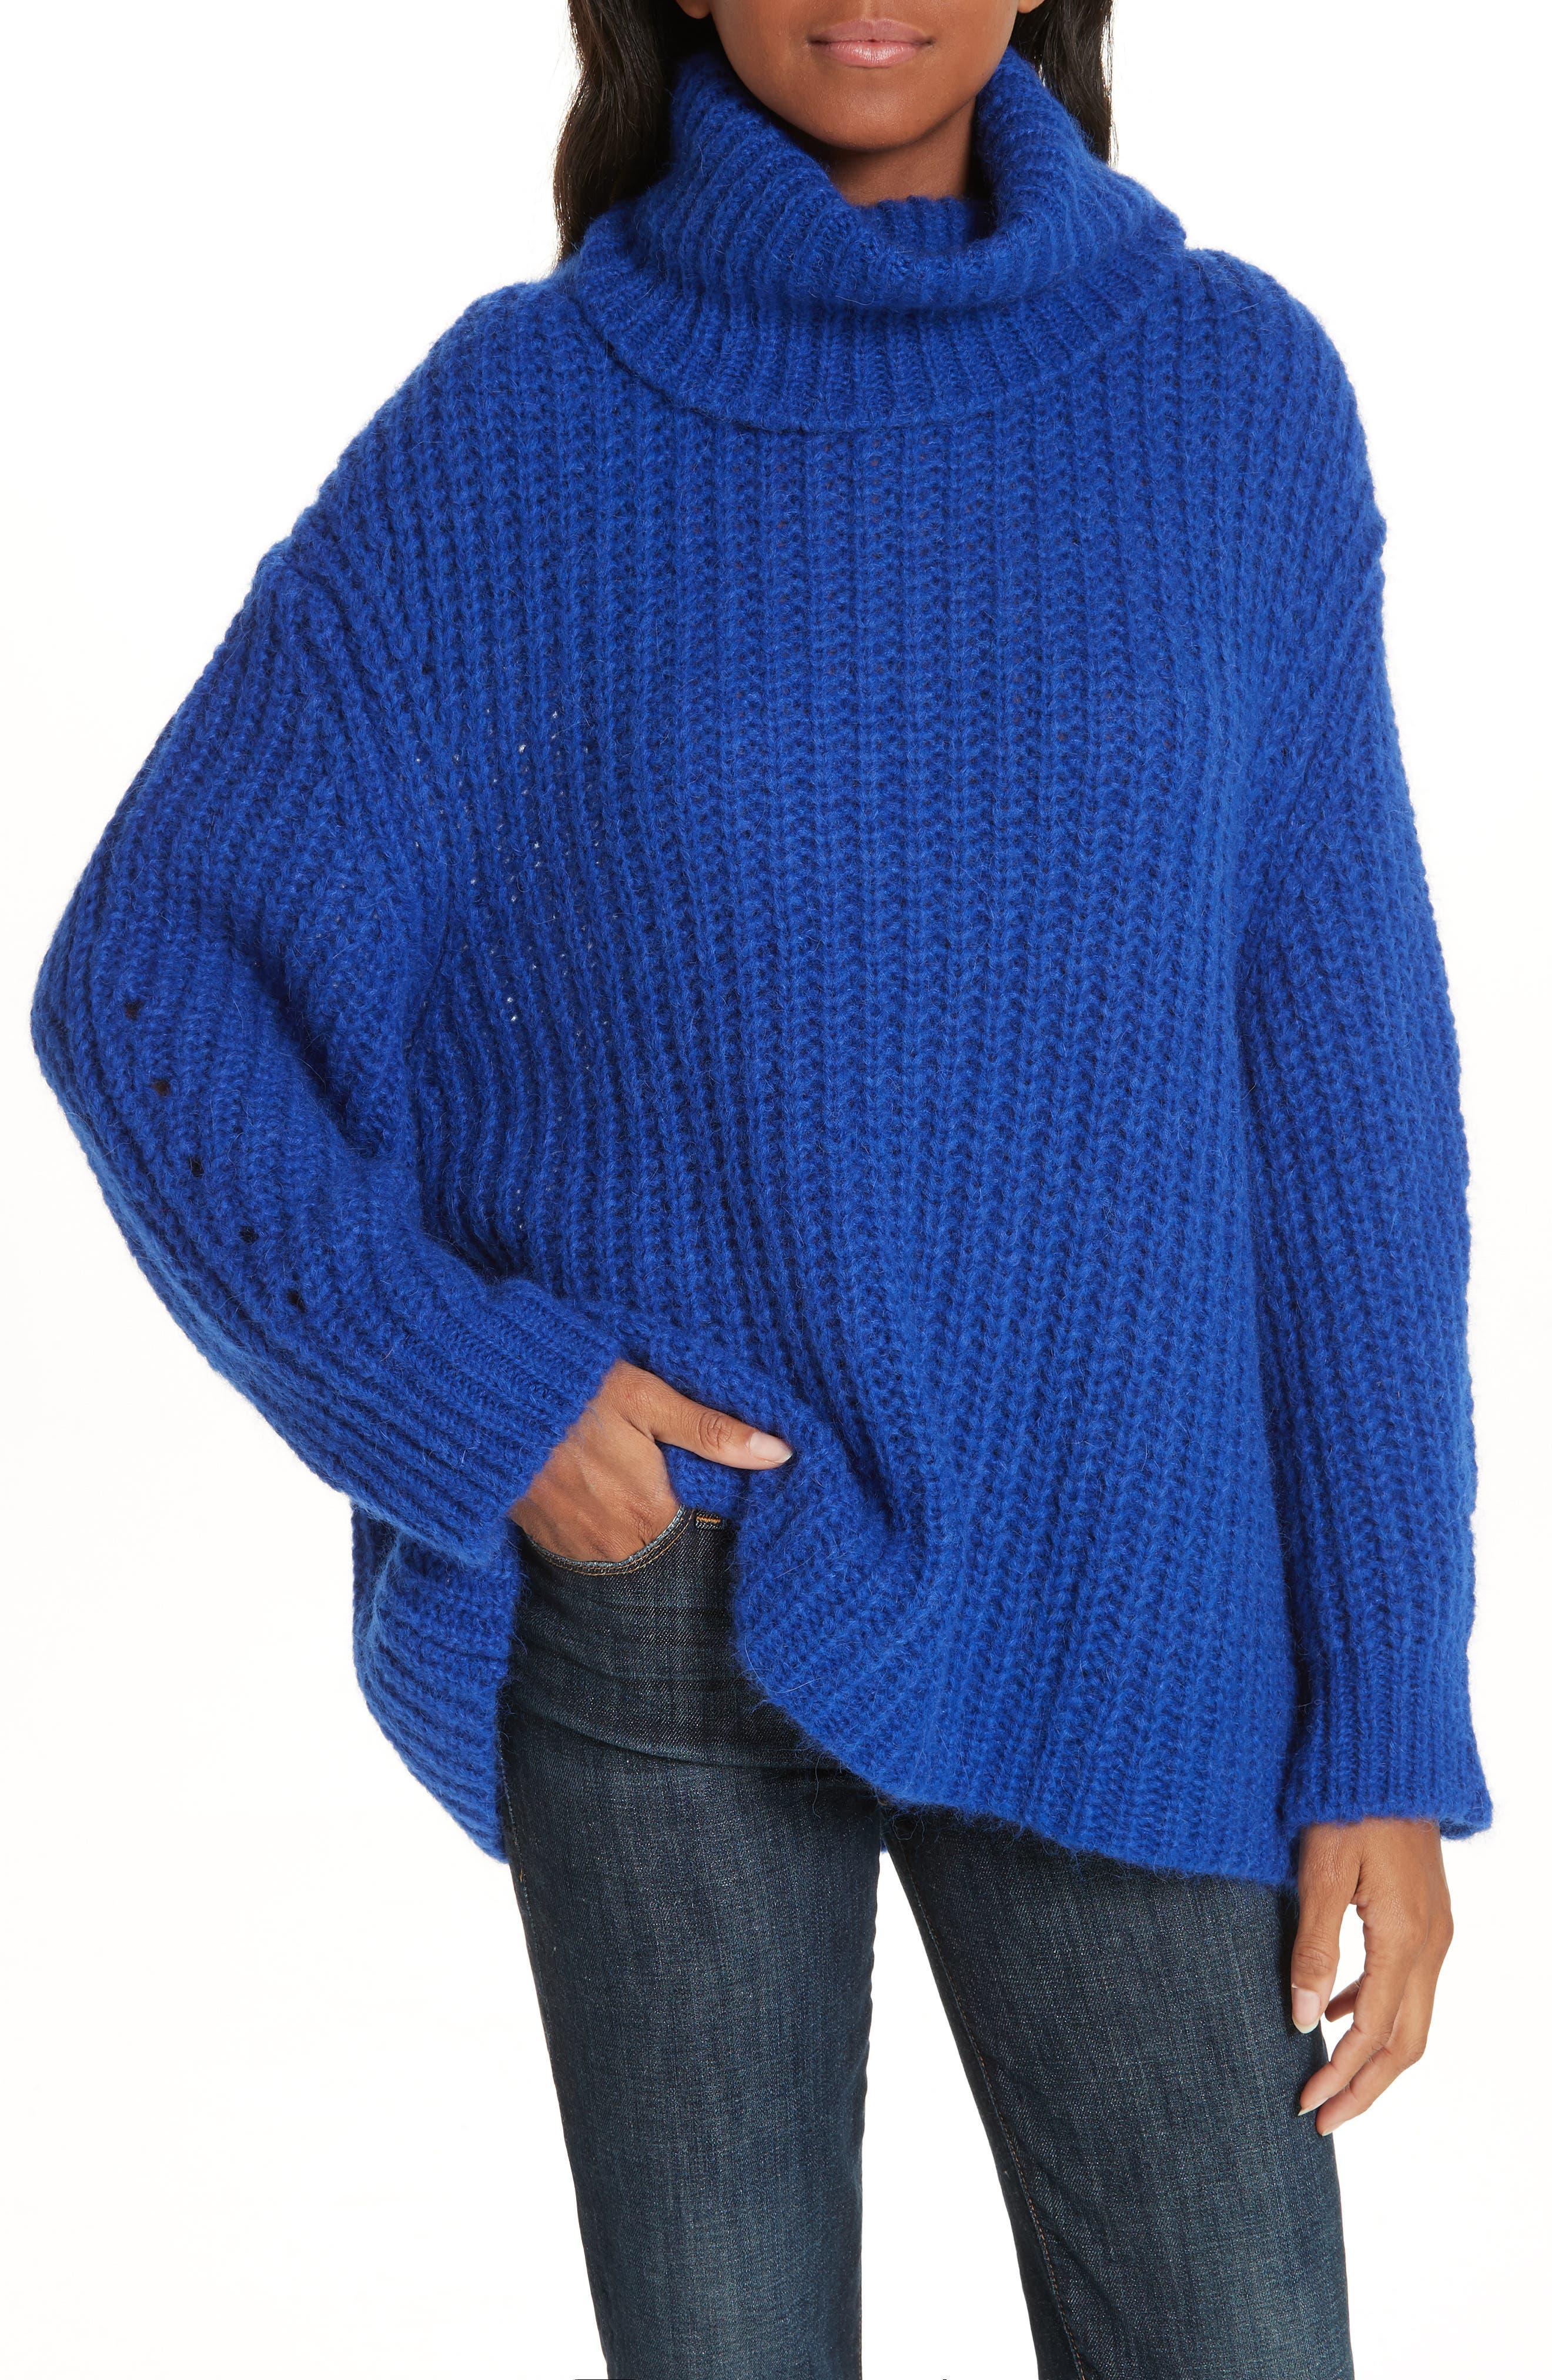 Emera Turtleneck Sweater,                         Main,                         color, BLUE